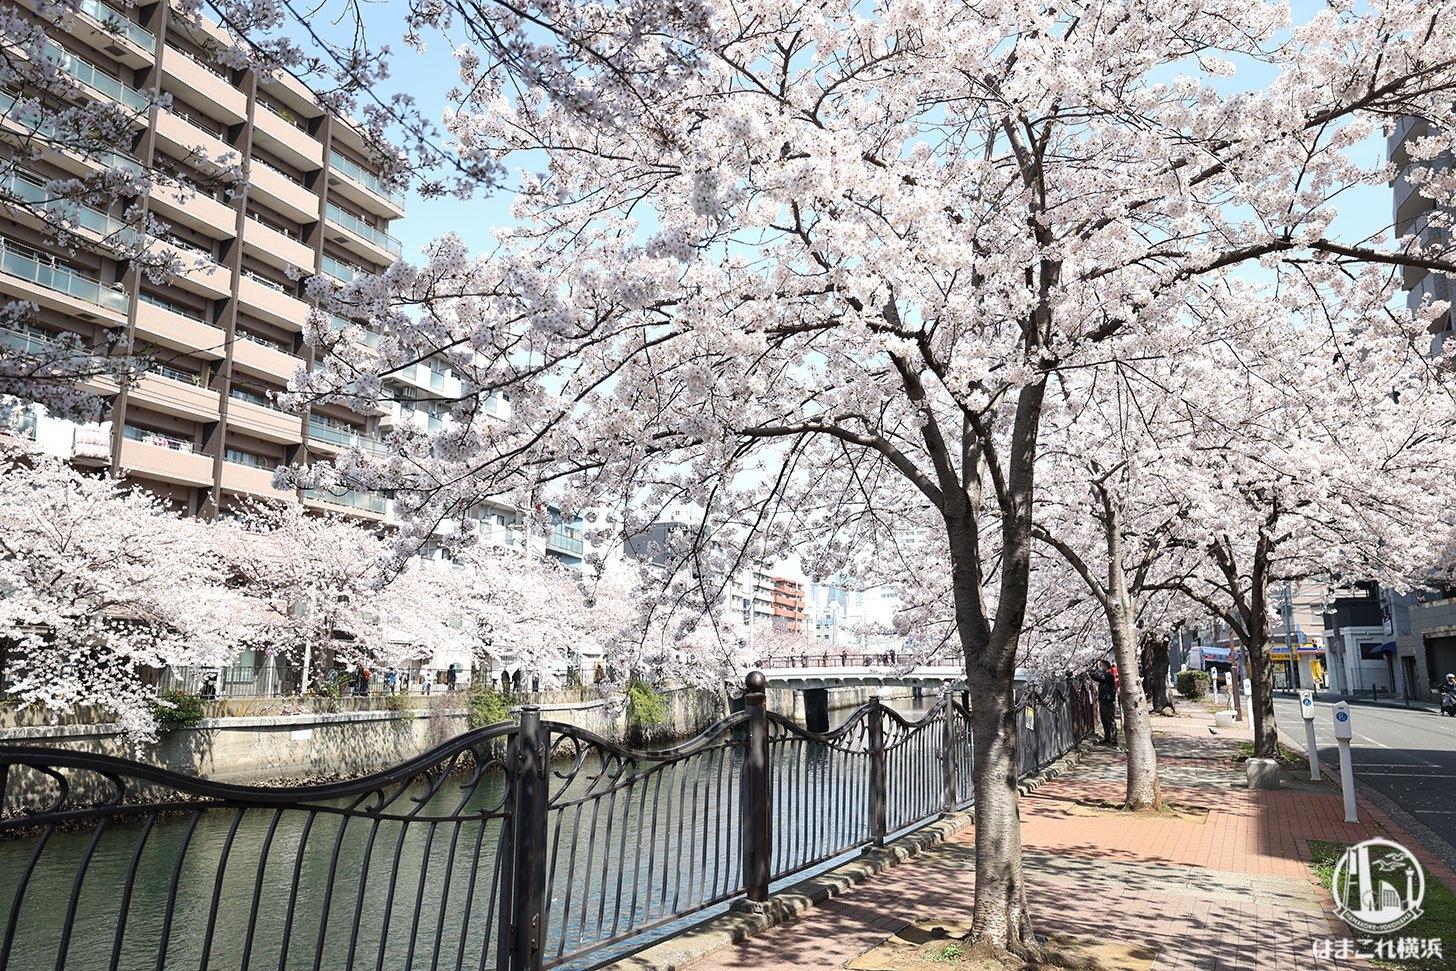 大岡川の桜が圧巻すぎて感動!桜並木4キロ以上・弘明寺から桜木町までの散歩マップ